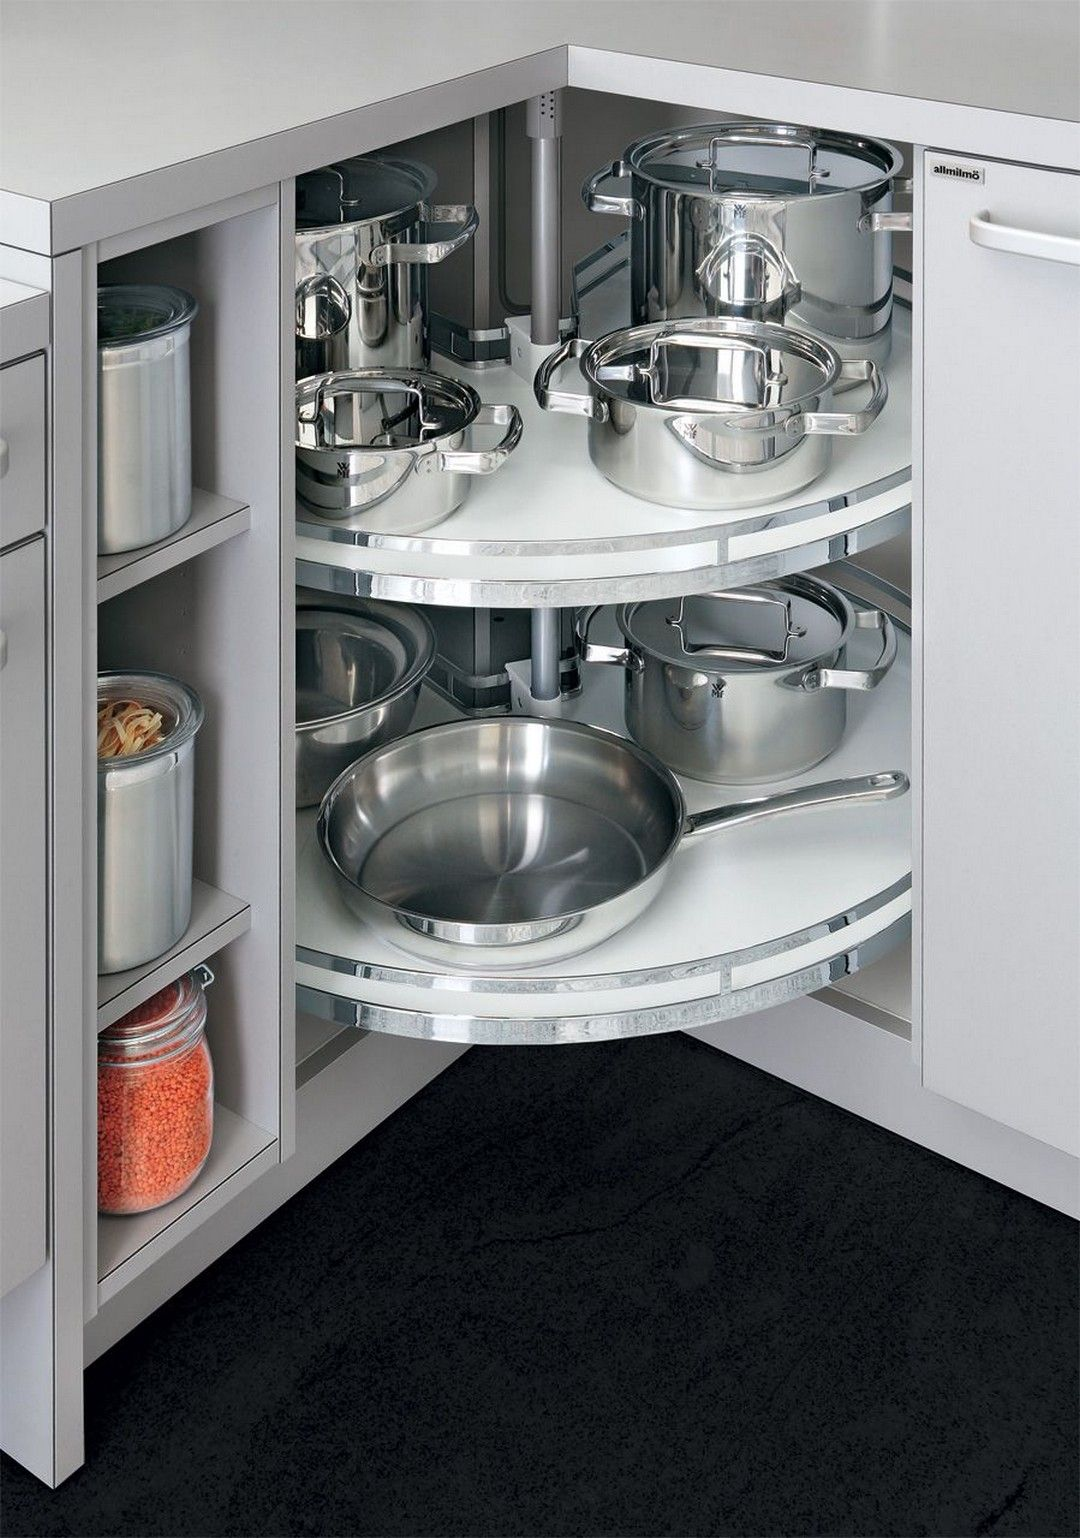 Cabinet Storage & Organization Ideas For New Kitchen